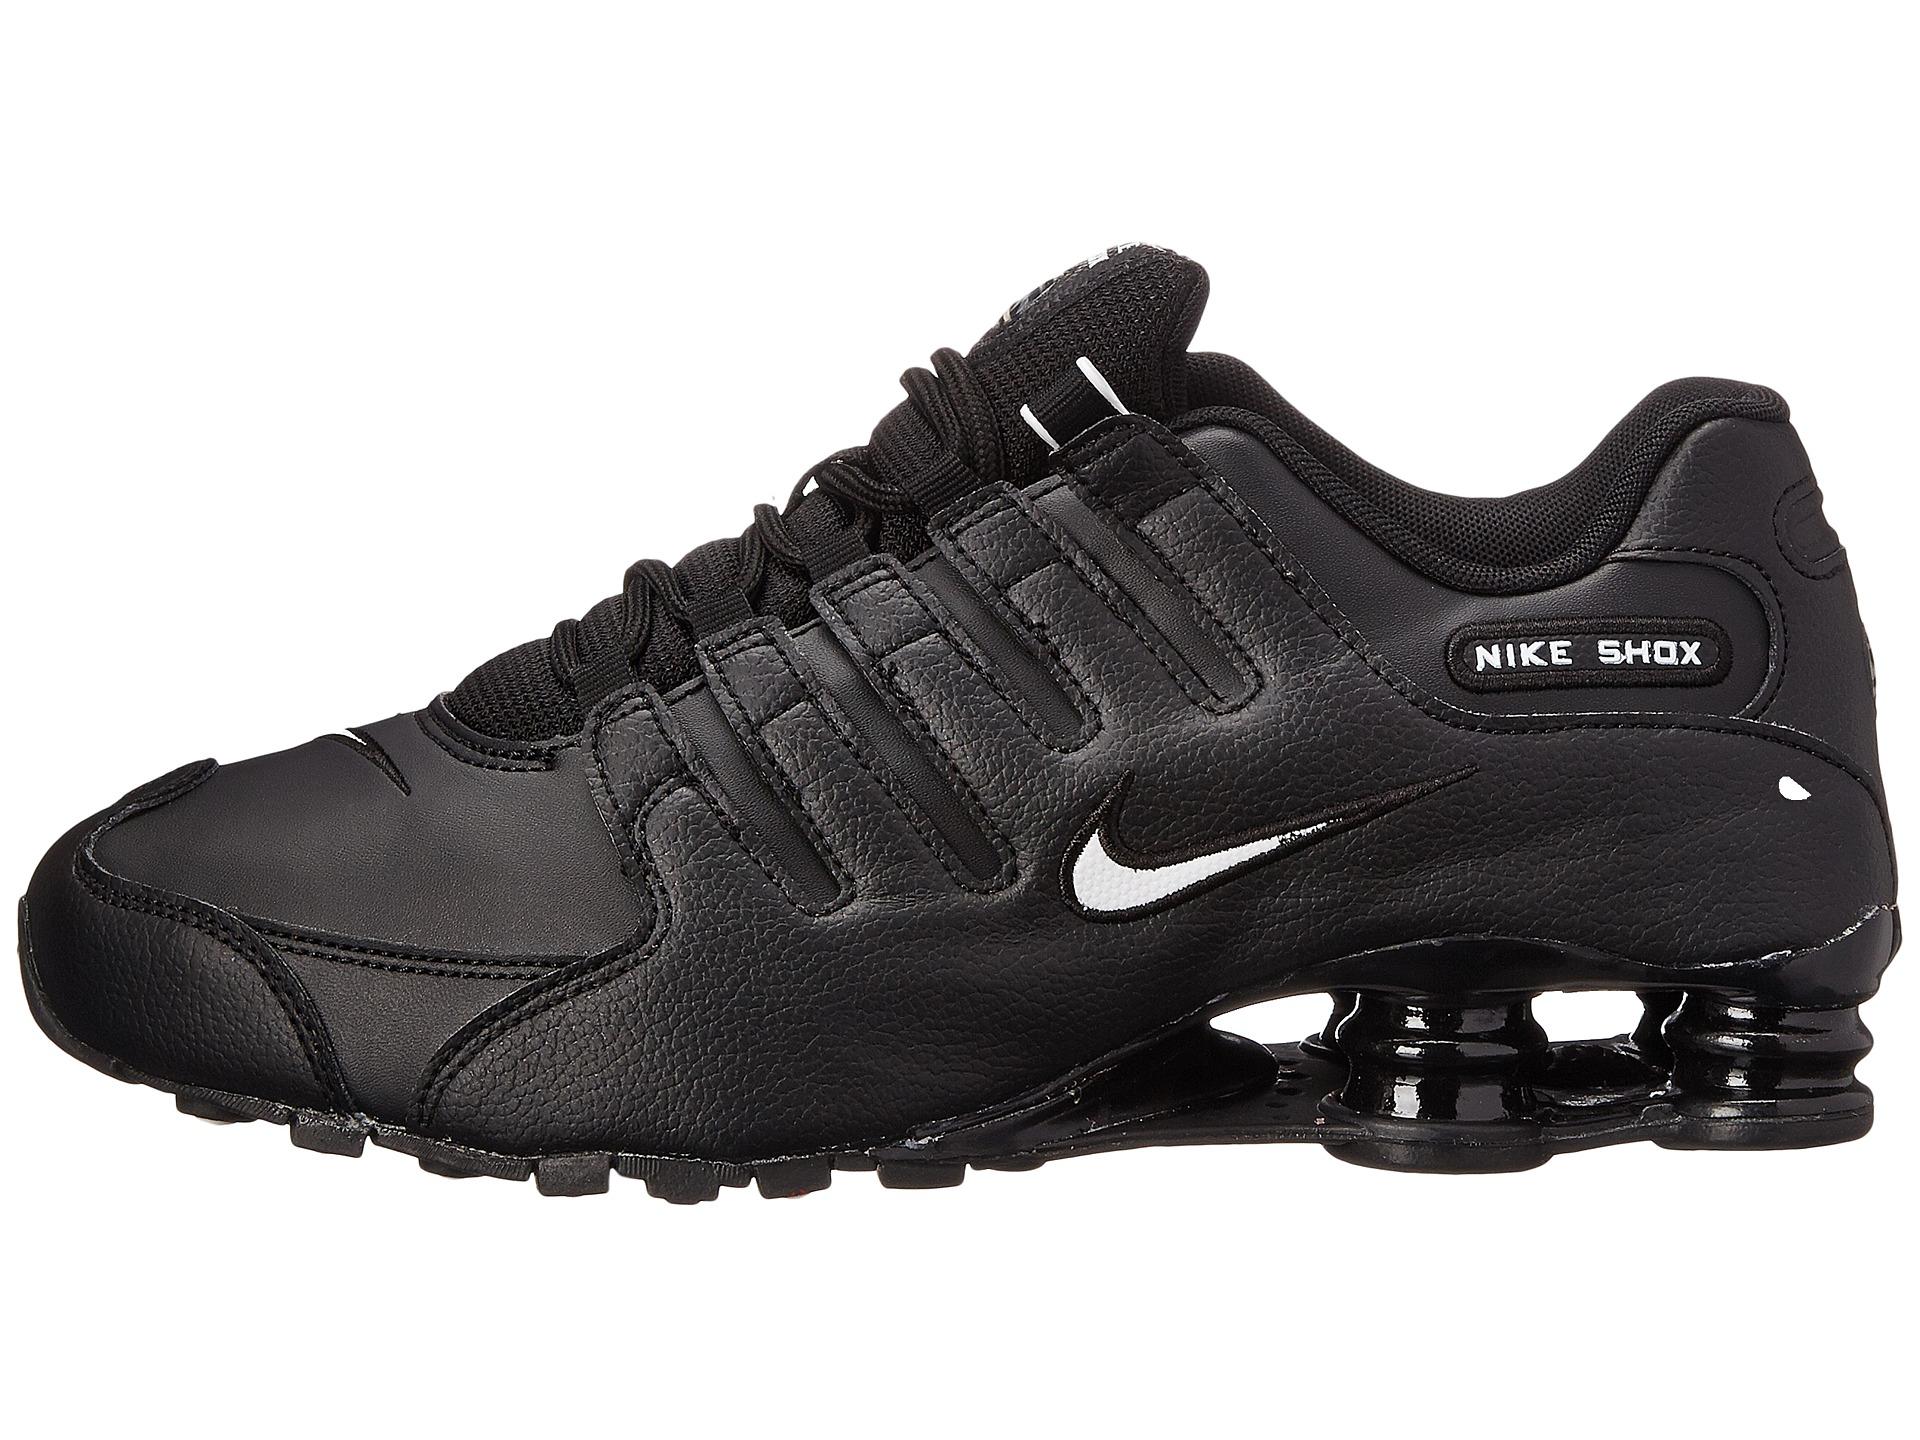 Nike shox women